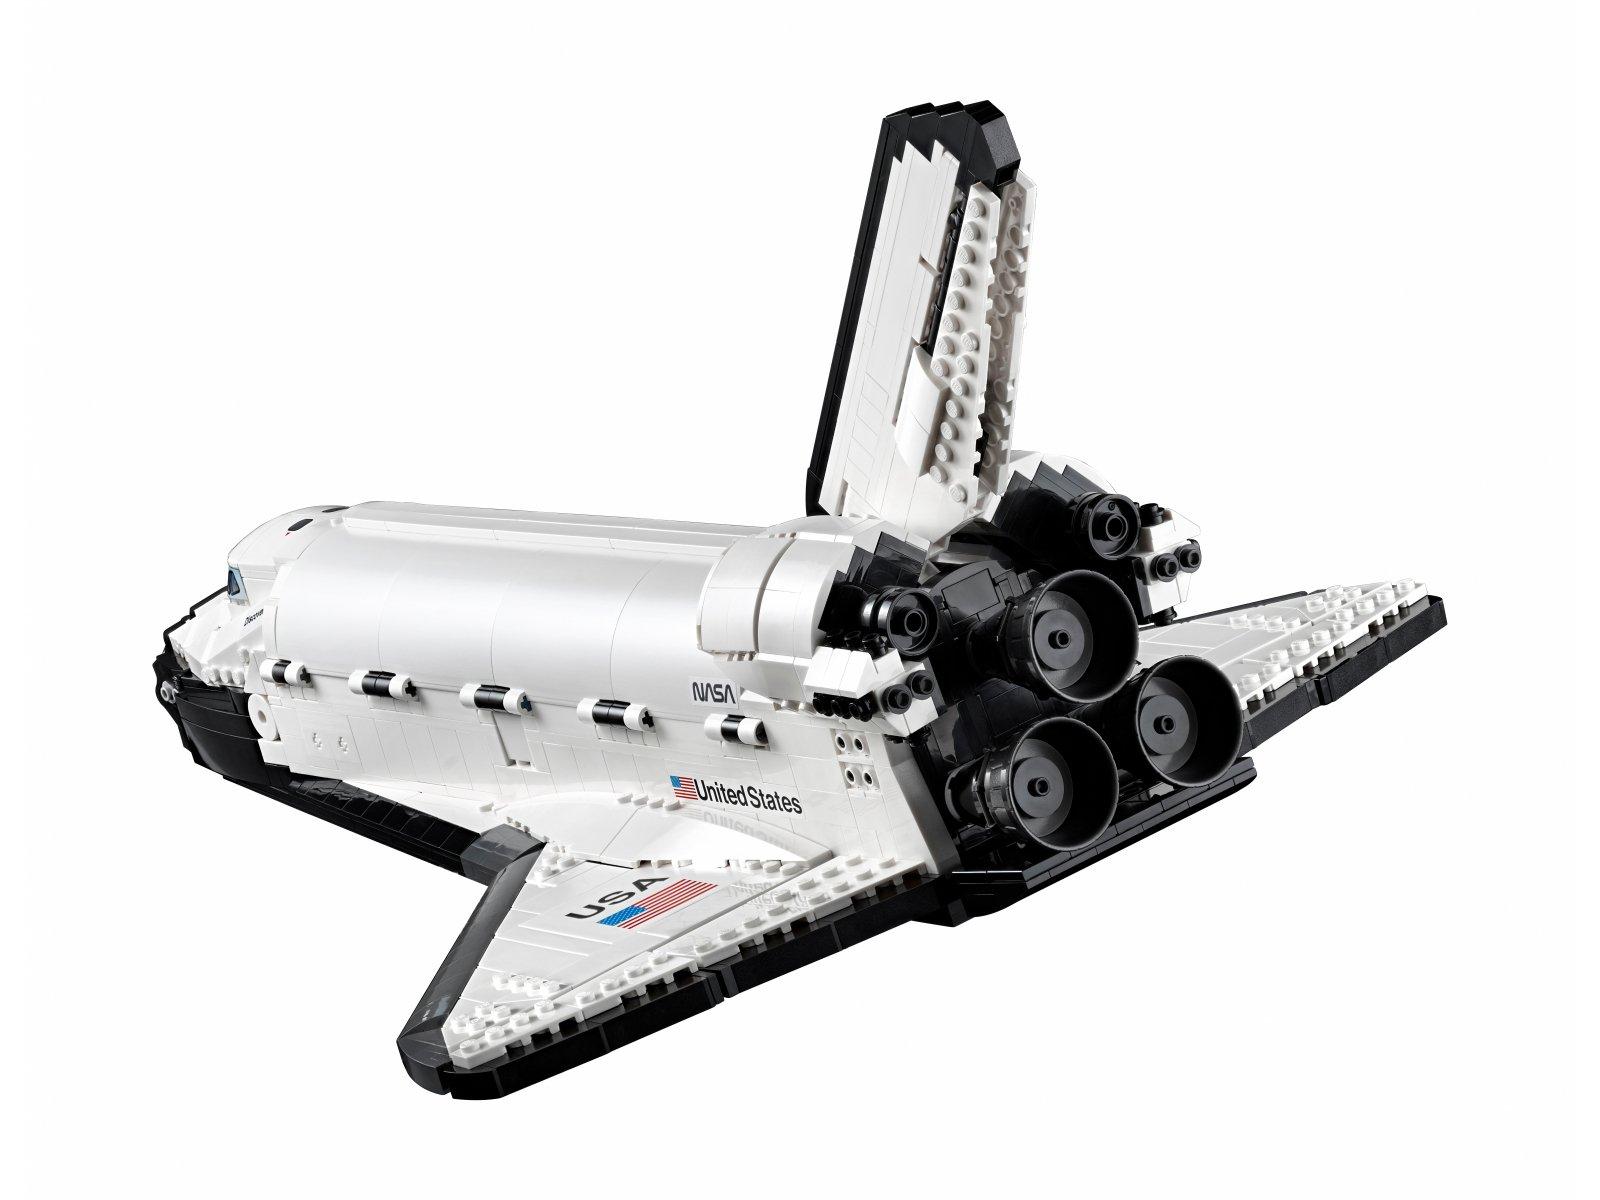 LEGO Wahadłowiec Discovery NASA 10283